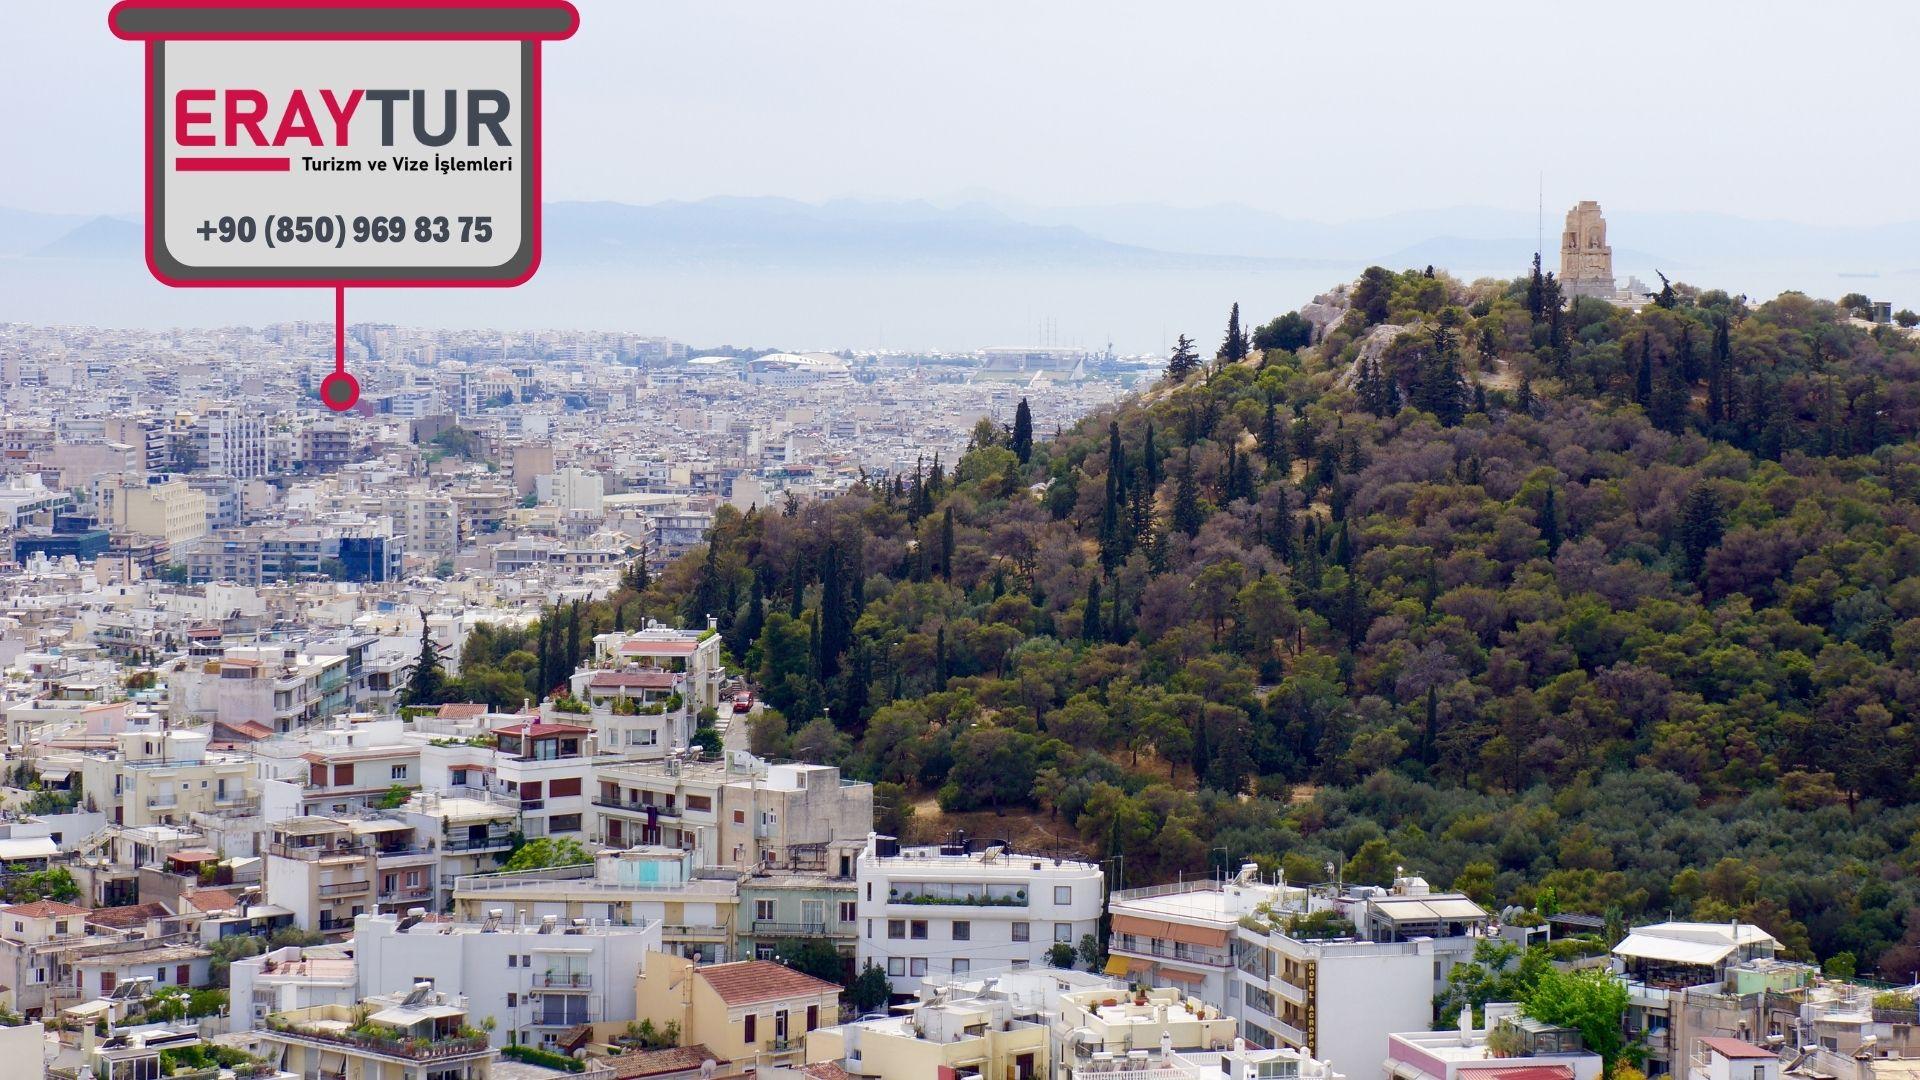 Yunanistan Ticari Vize İçin Gerekli Evraklar